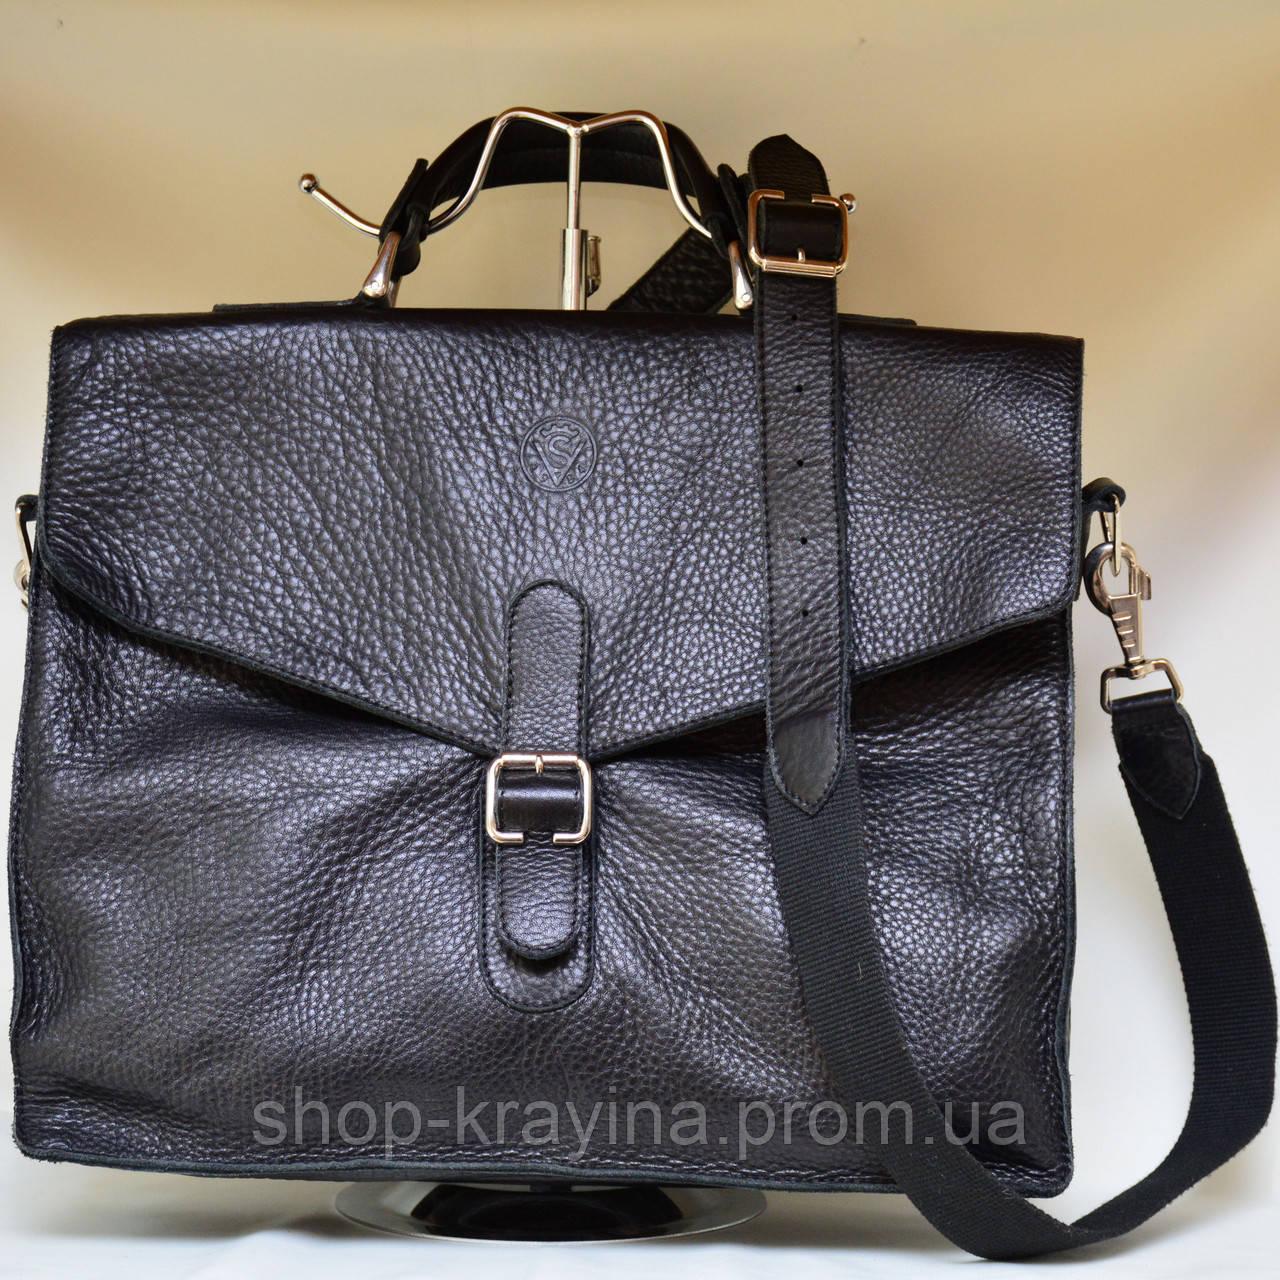 Кожаная сумка VS115 black 35х30х12 см